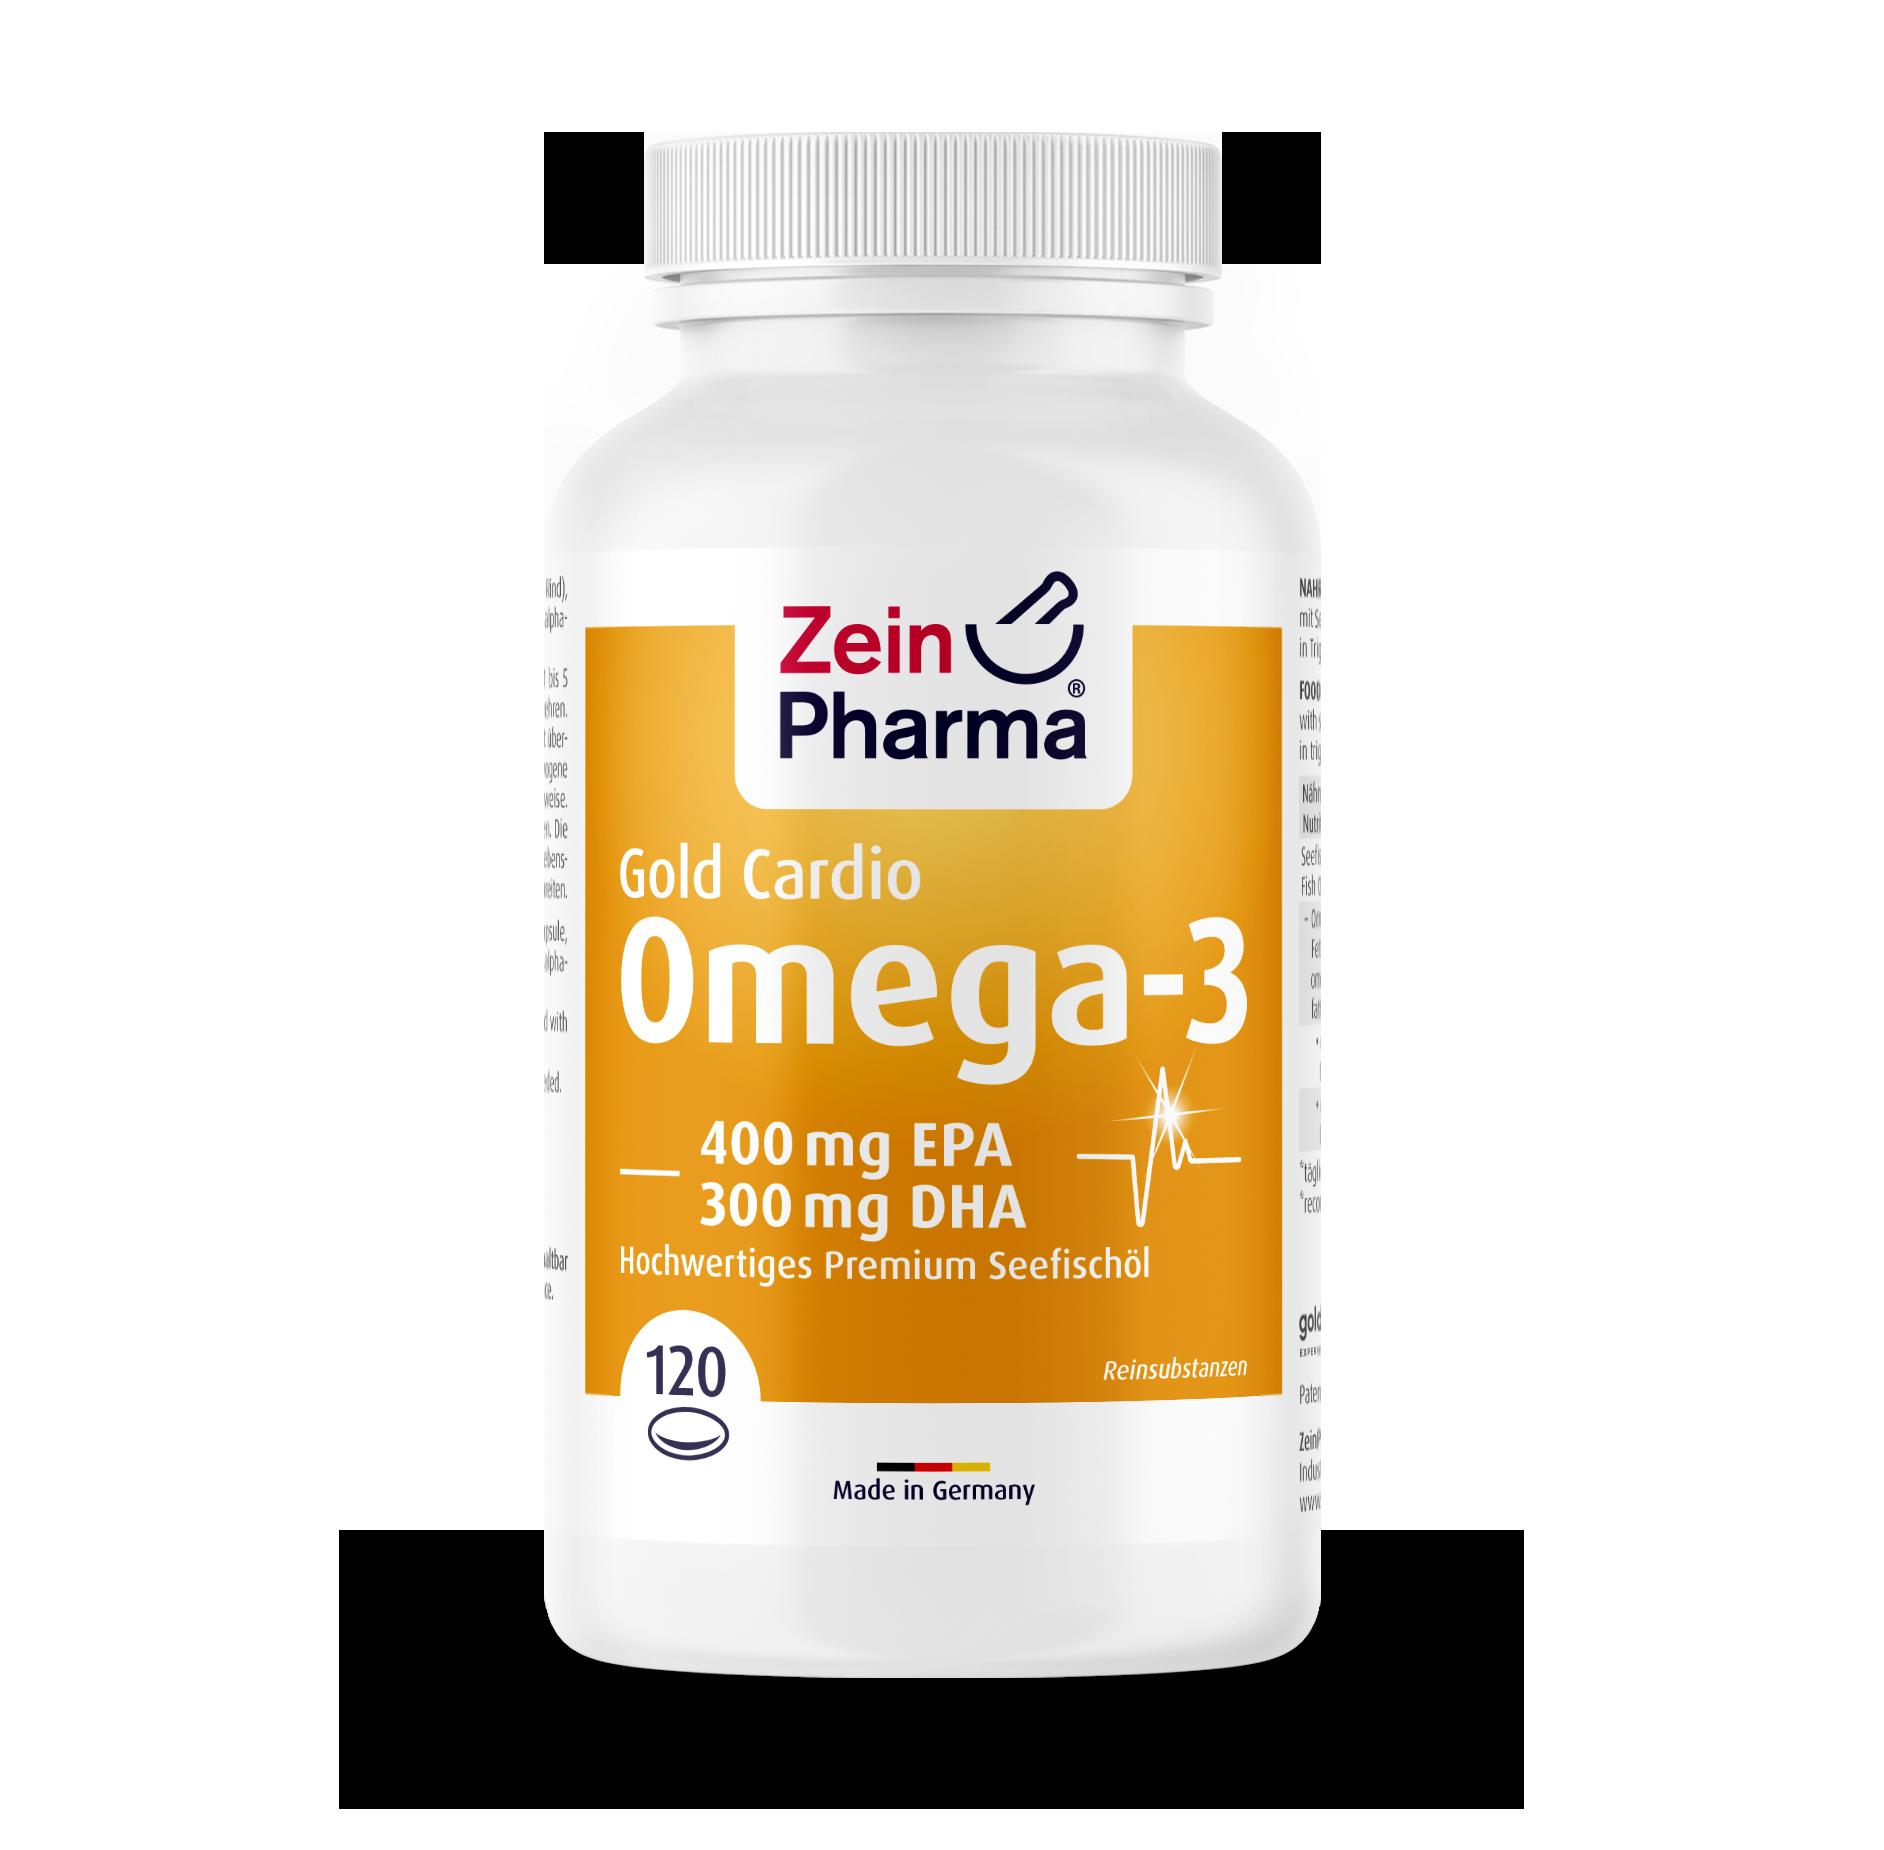 Omega-3 Gold Softgel Capsules - Cardio Edition